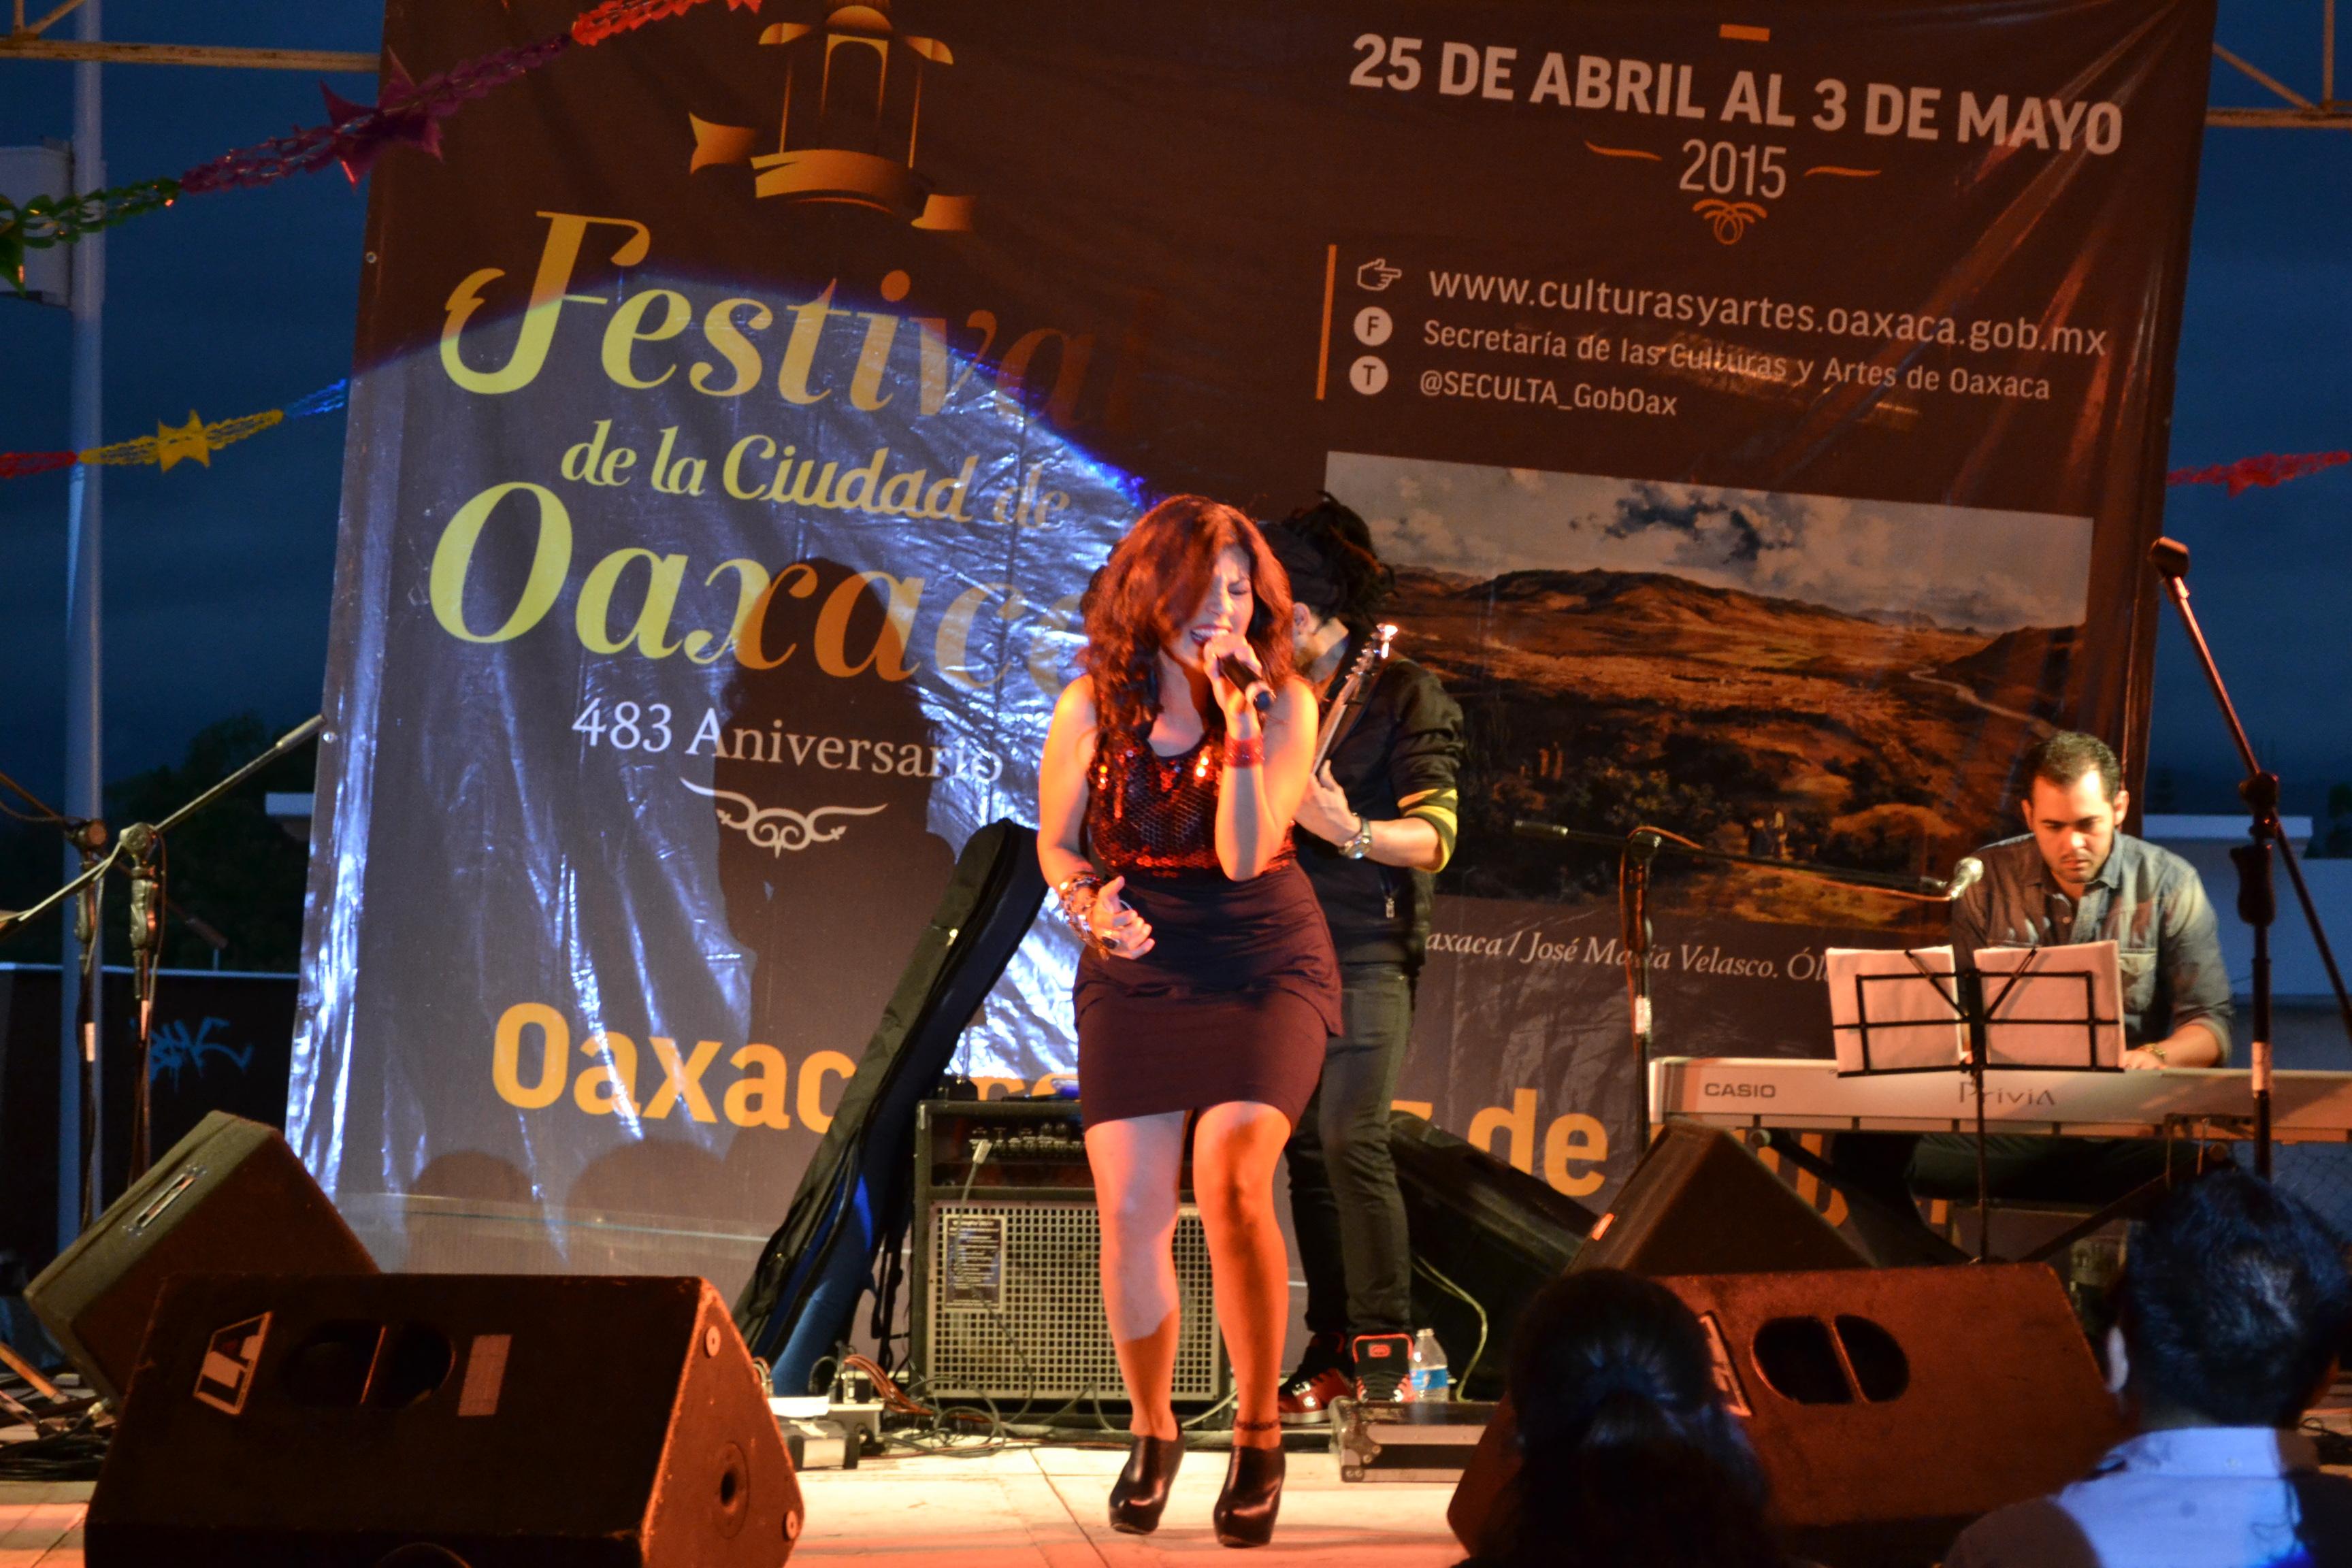 FESTIVAL DE LA CIUDAD DE OAXACA 2015